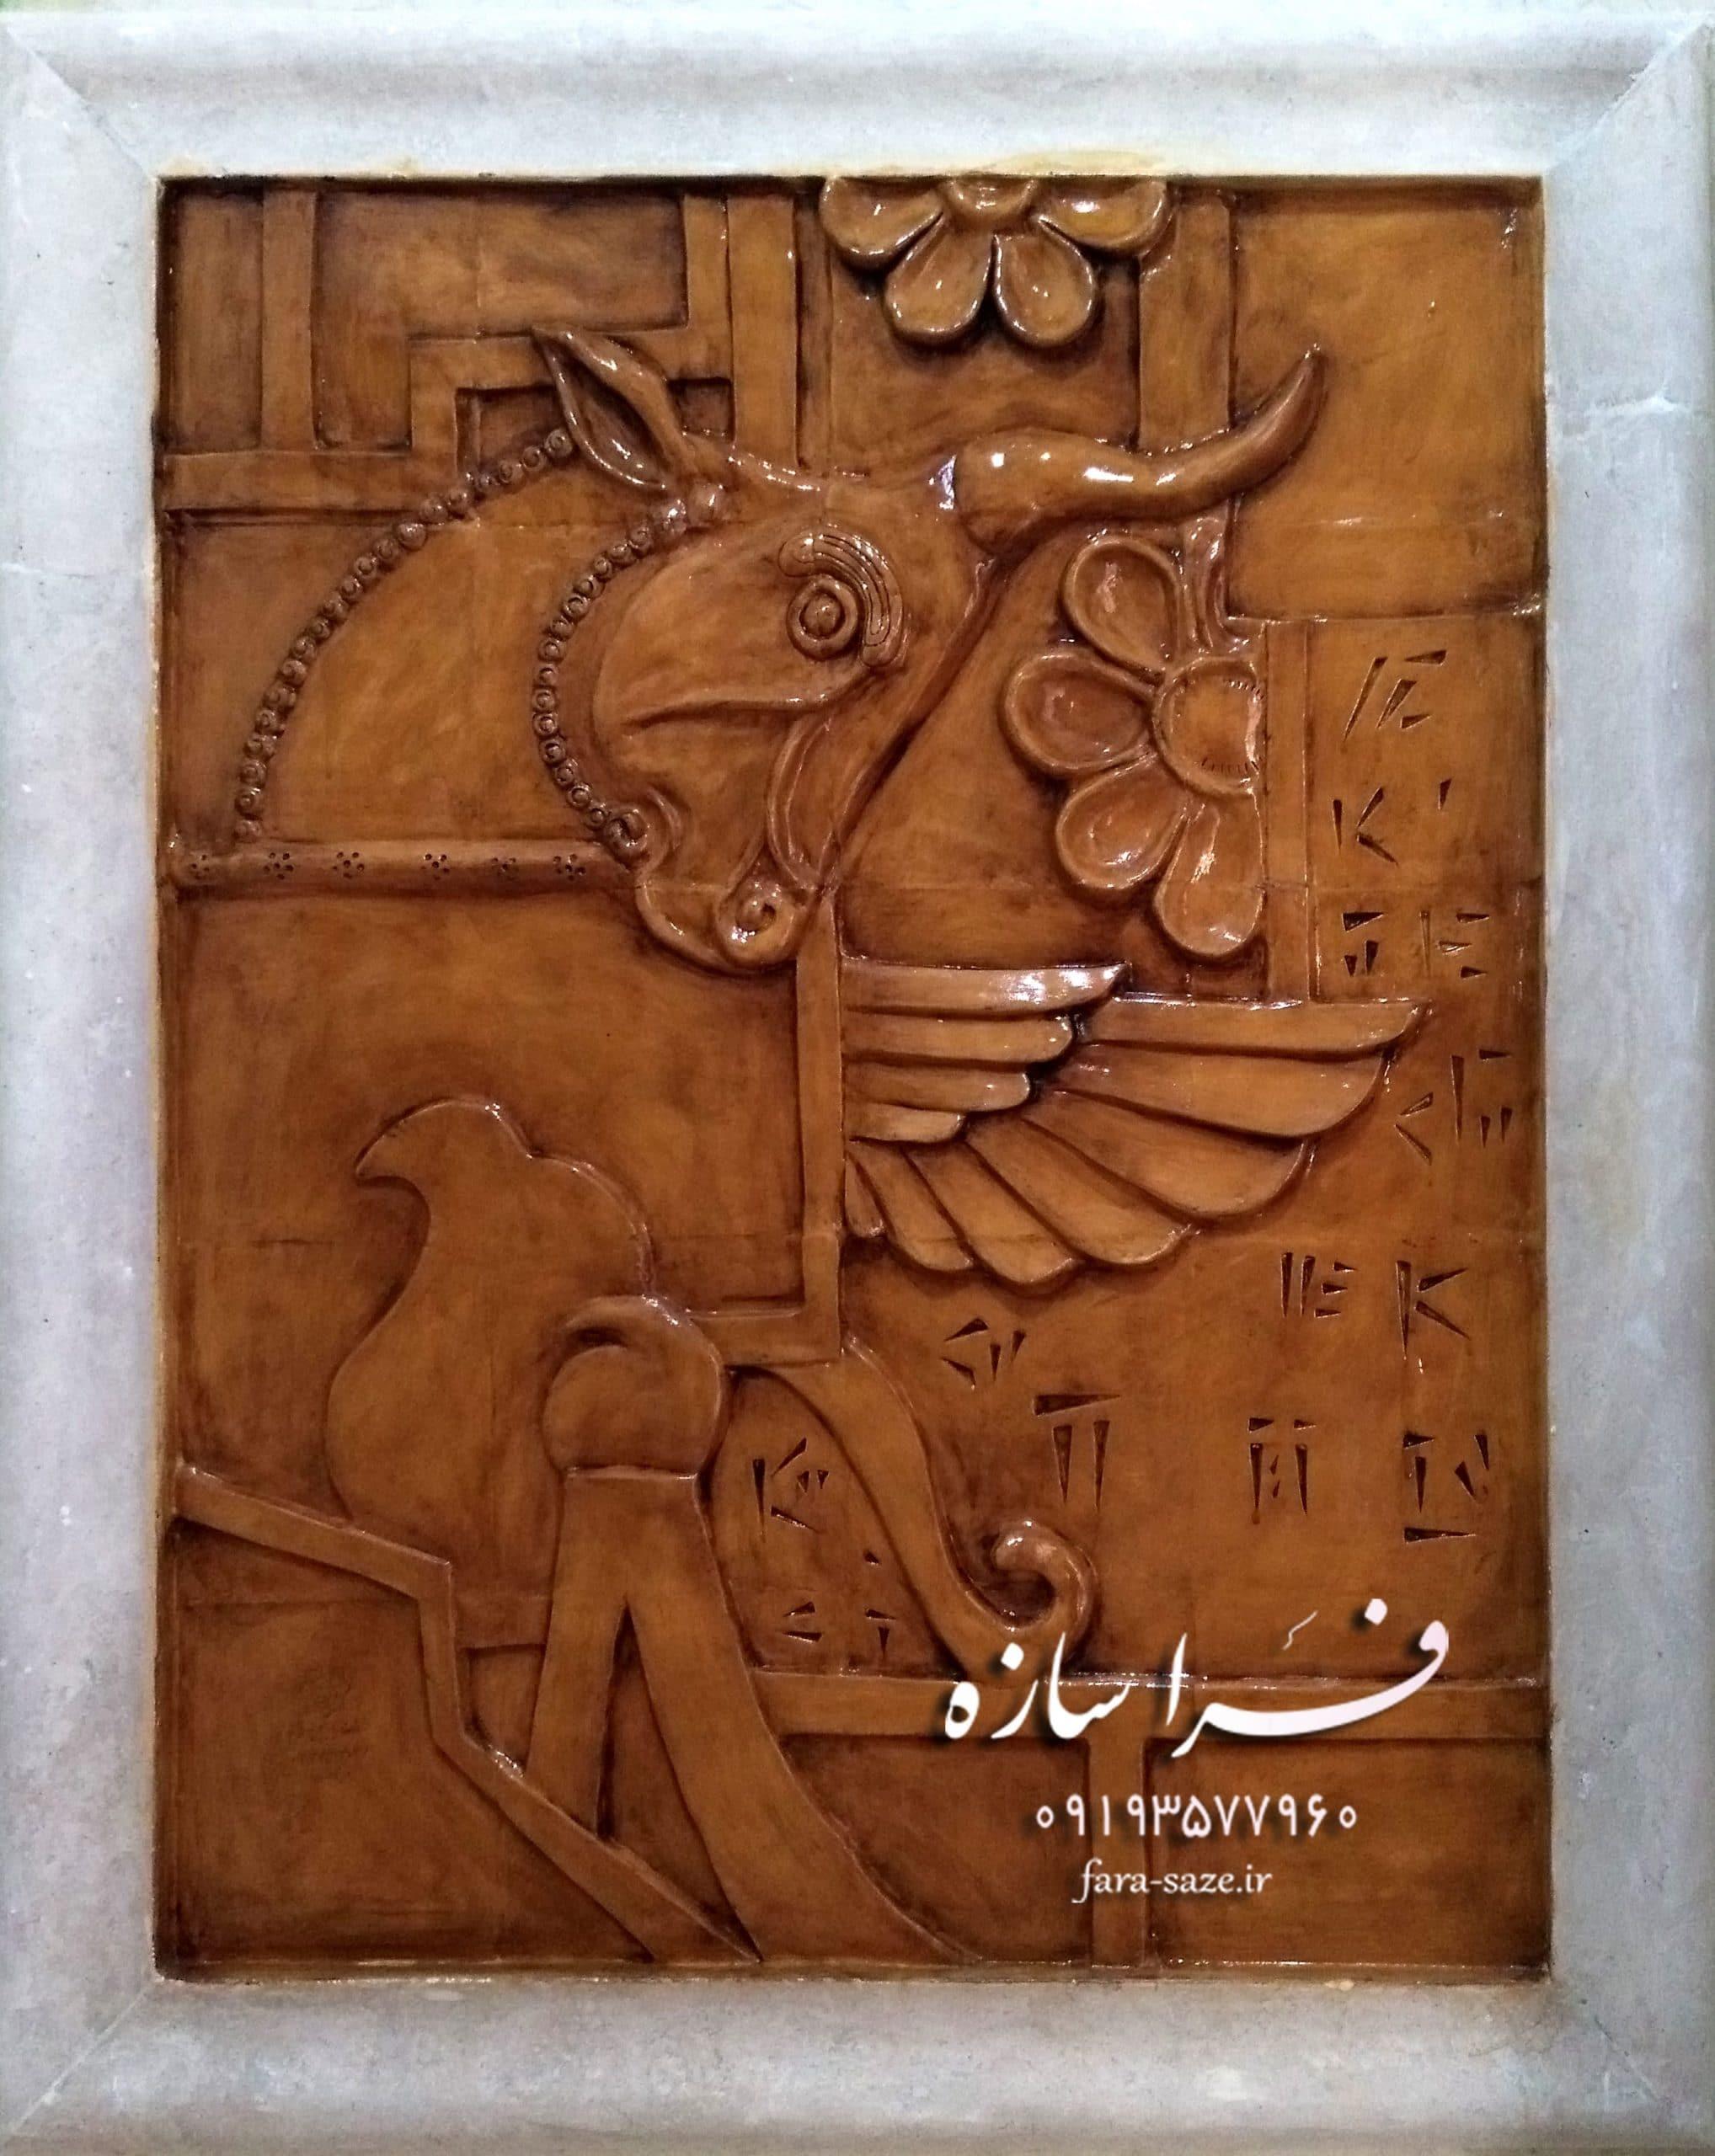 تابلو نقش برجسته اسب شاخدار